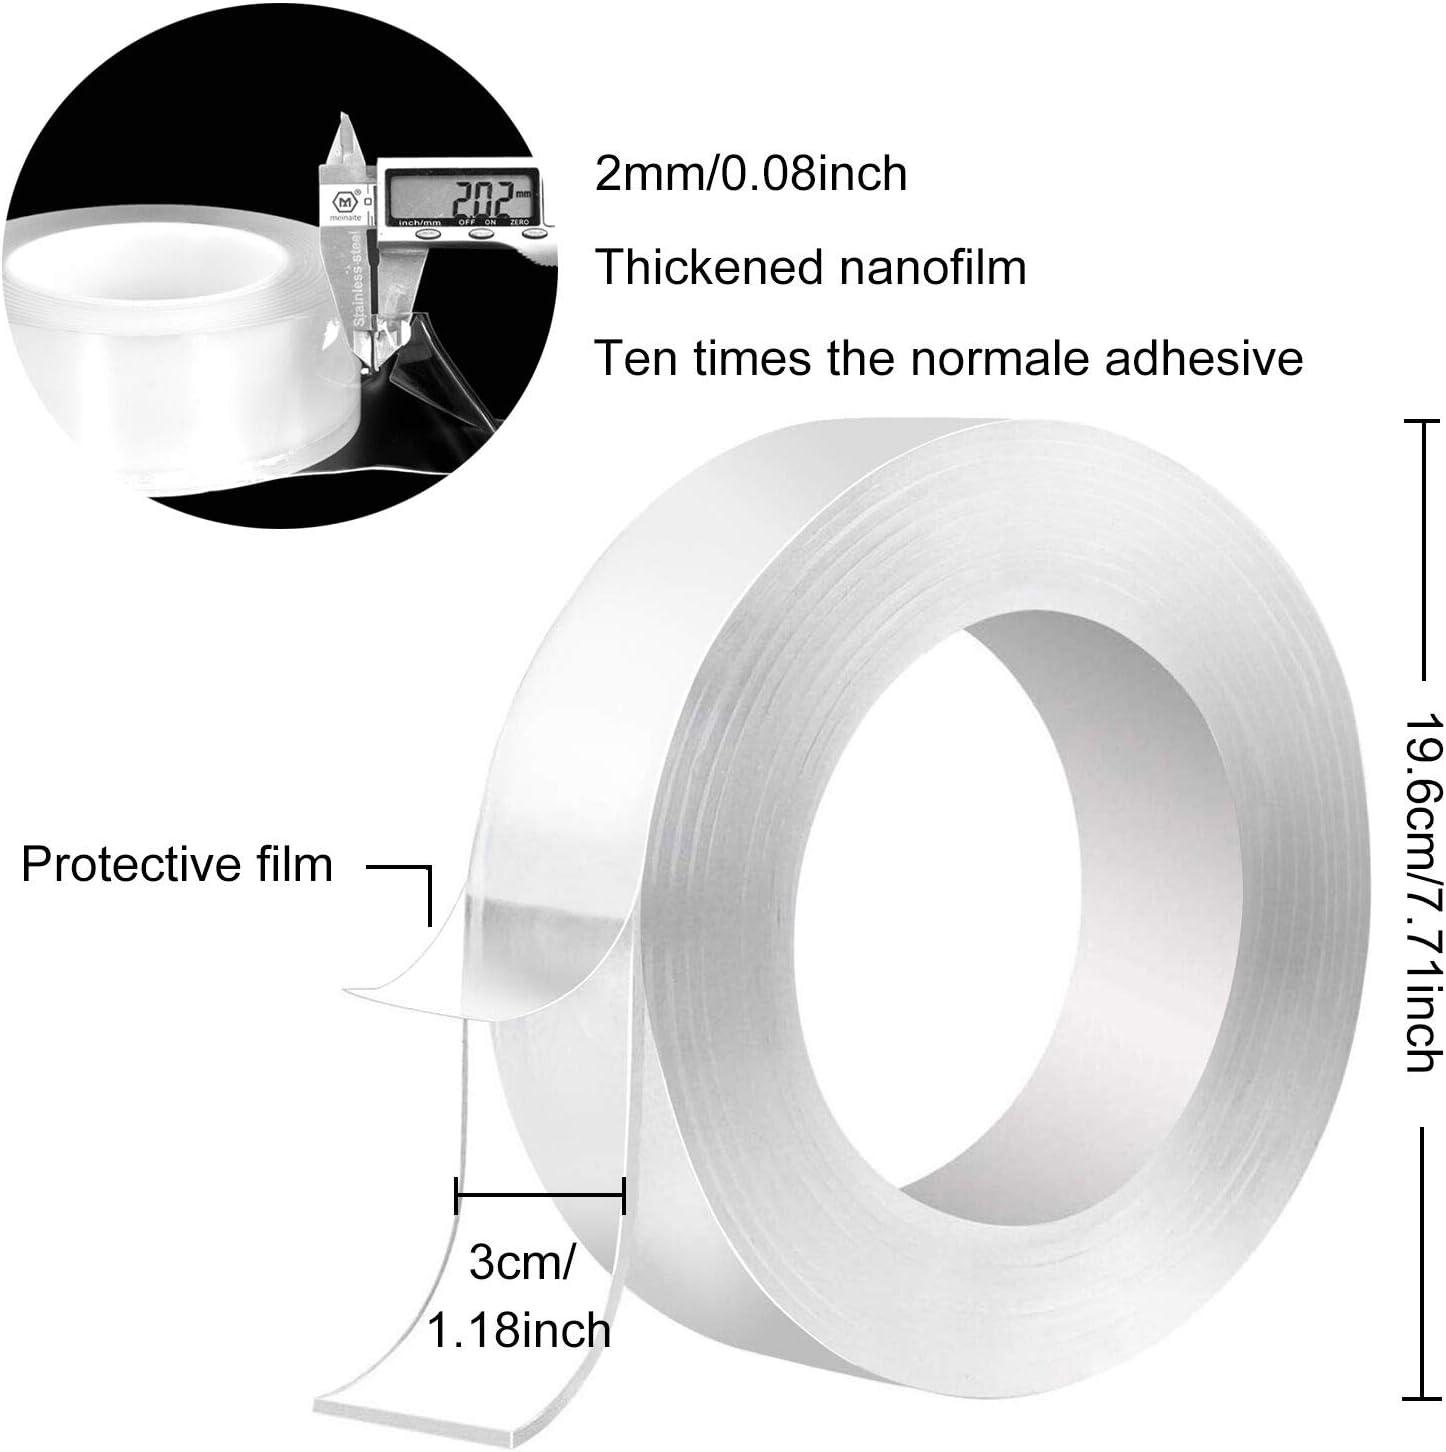 3M Nano Doppelseitiges Klebeband Transparent Entfernbares Wiederverwendbares Klebestreifen rutschfest Multifunktionales f/ür Teppich Fotorahmen K/üche GXR Waschbares Spurloses Klebeband